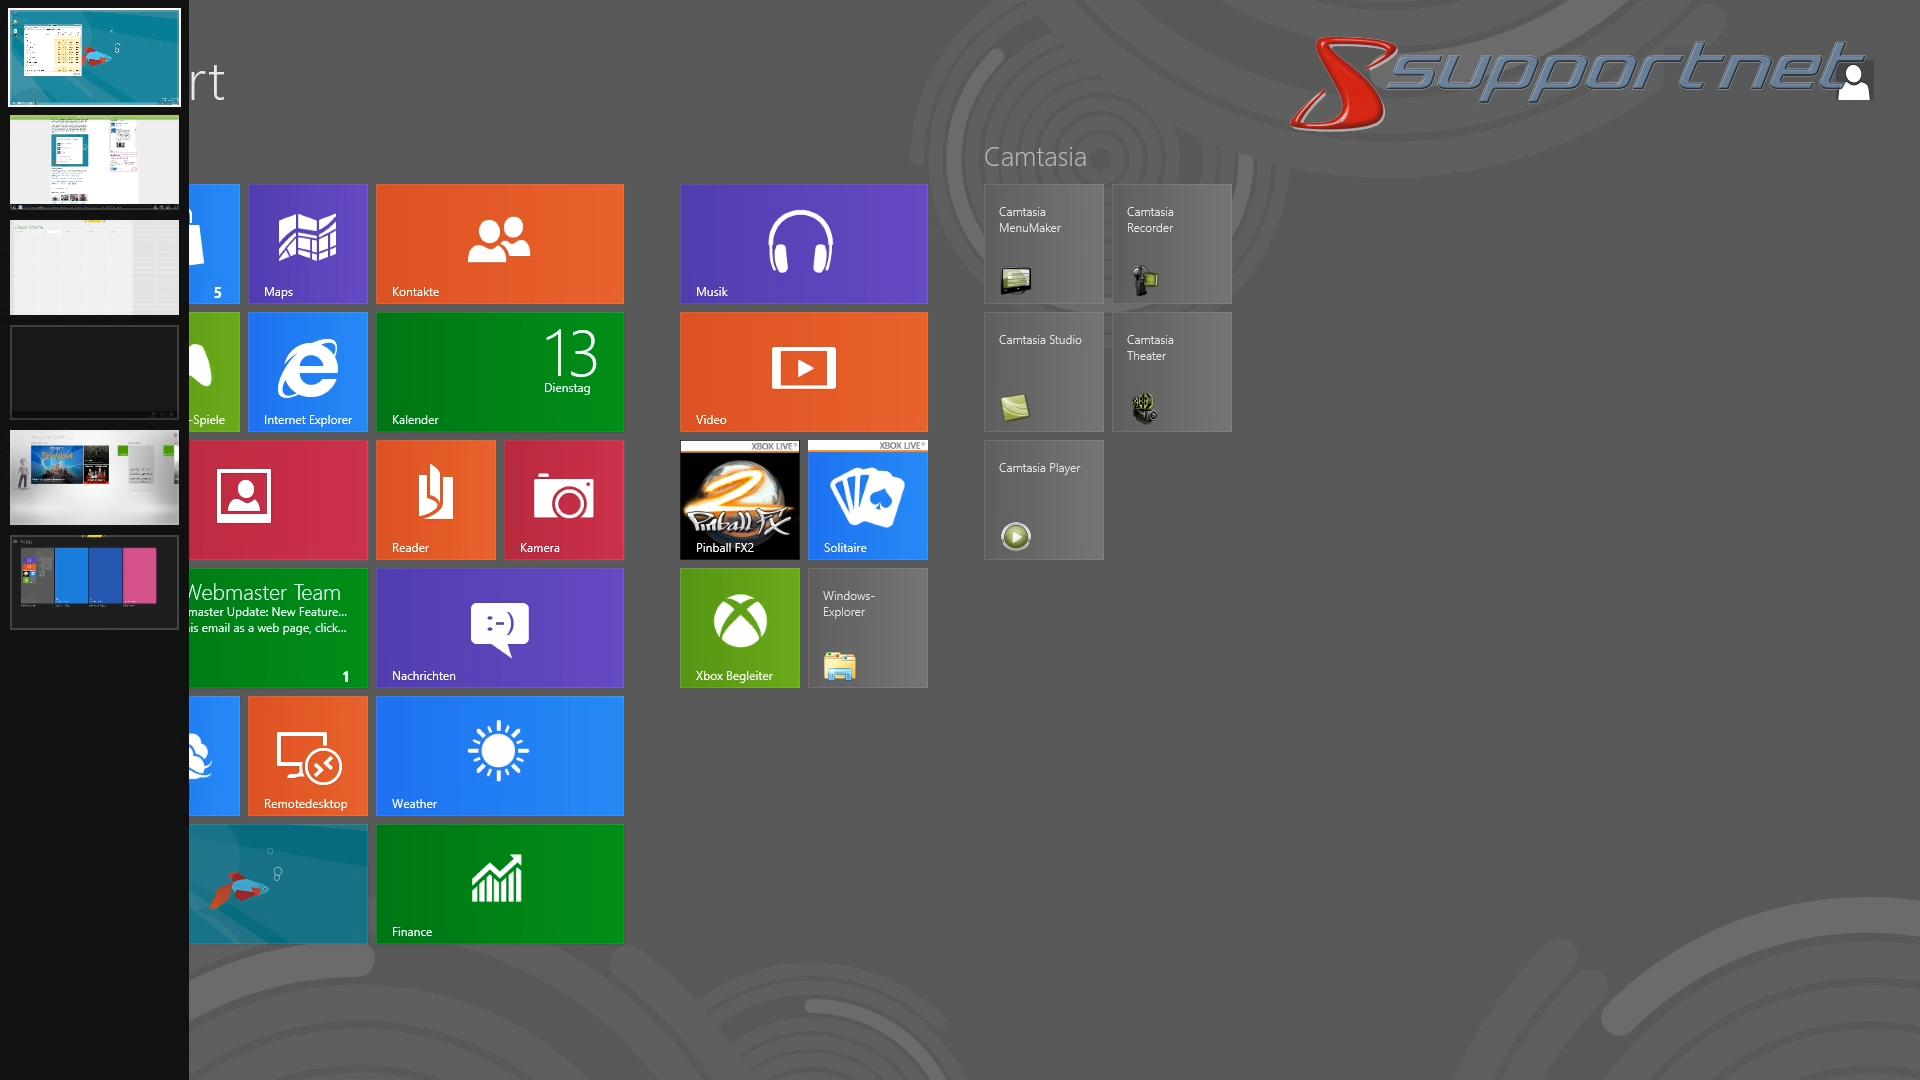 06-Handhabungstipps-fuer-apps-unter-windows-8-windows-tab-470.png?nocache=1331722502508